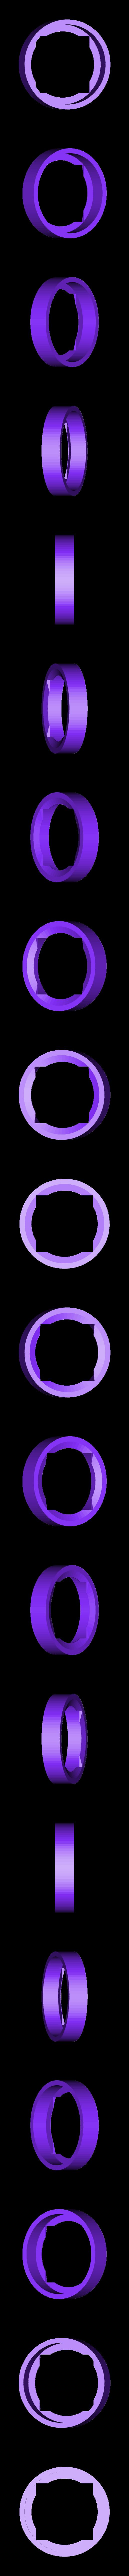 LENS_clip_0-1.stl Télécharger fichier STL gratuit CADDX Turtle ND Clip / Protecteur d'objectif • Plan à imprimer en 3D, Gophy